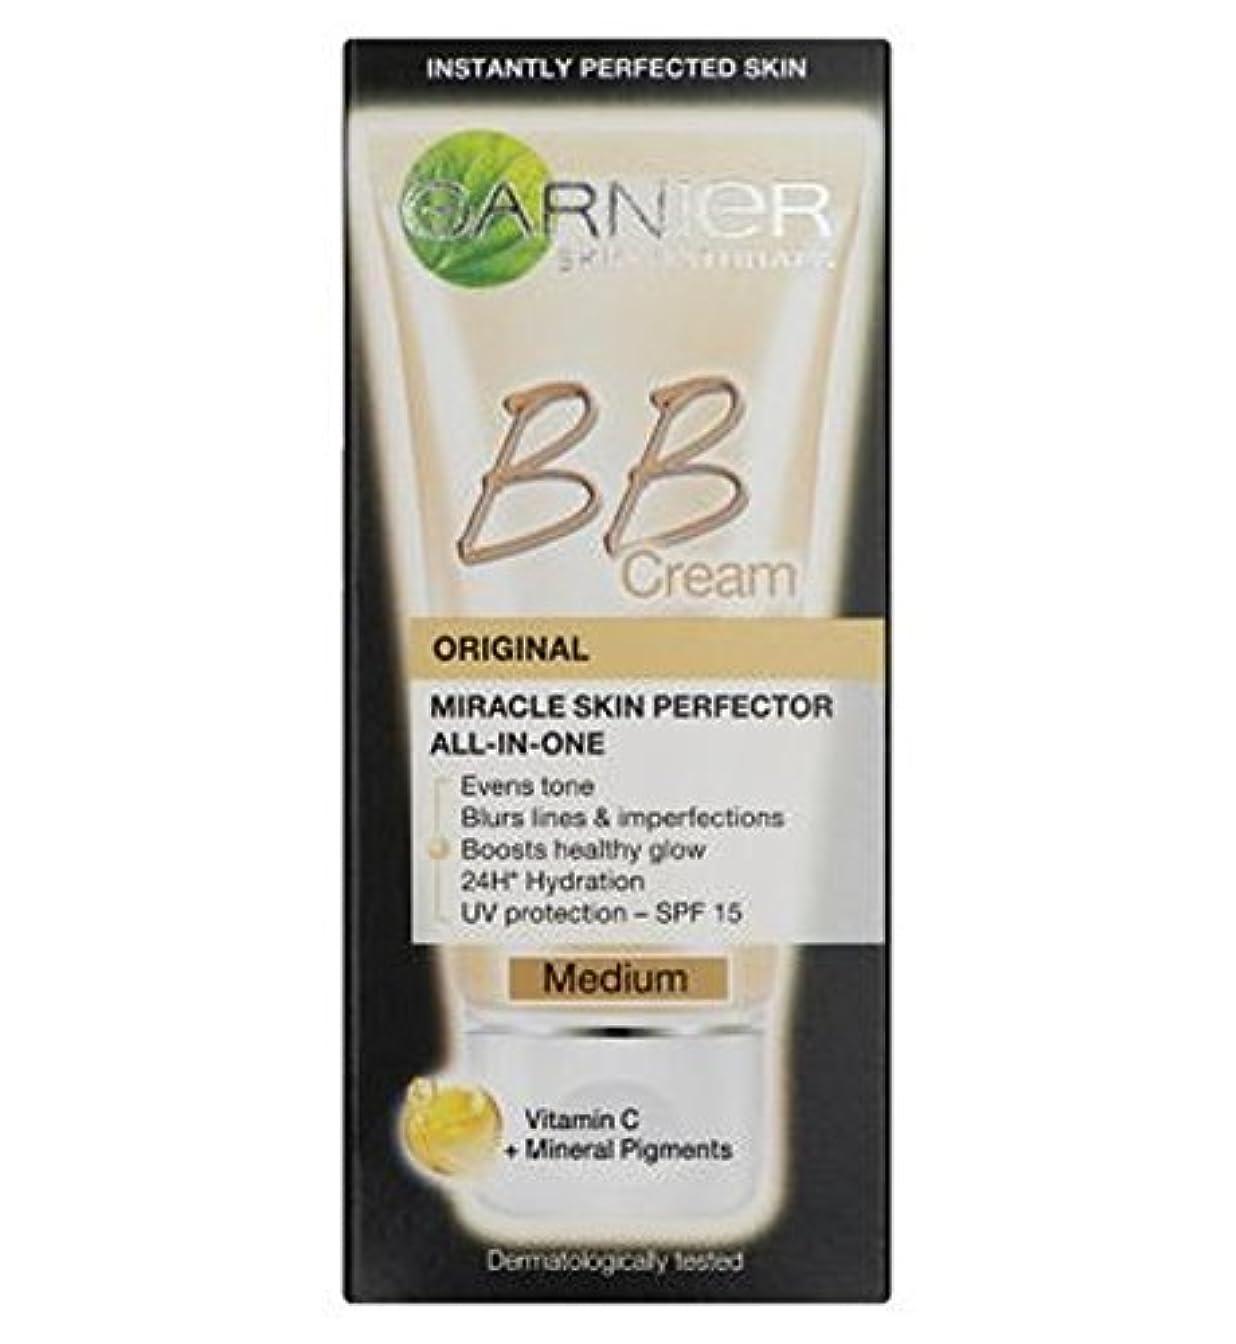 ホイストシニスうまくやる()毎日オールインワンB.B.ガルニエスキンパーフェク傷バームクリーム培地50ミリリットル (Garnier) (x2) - Garnier Skin Perfector Daily All-In-One B.B. Blemish...